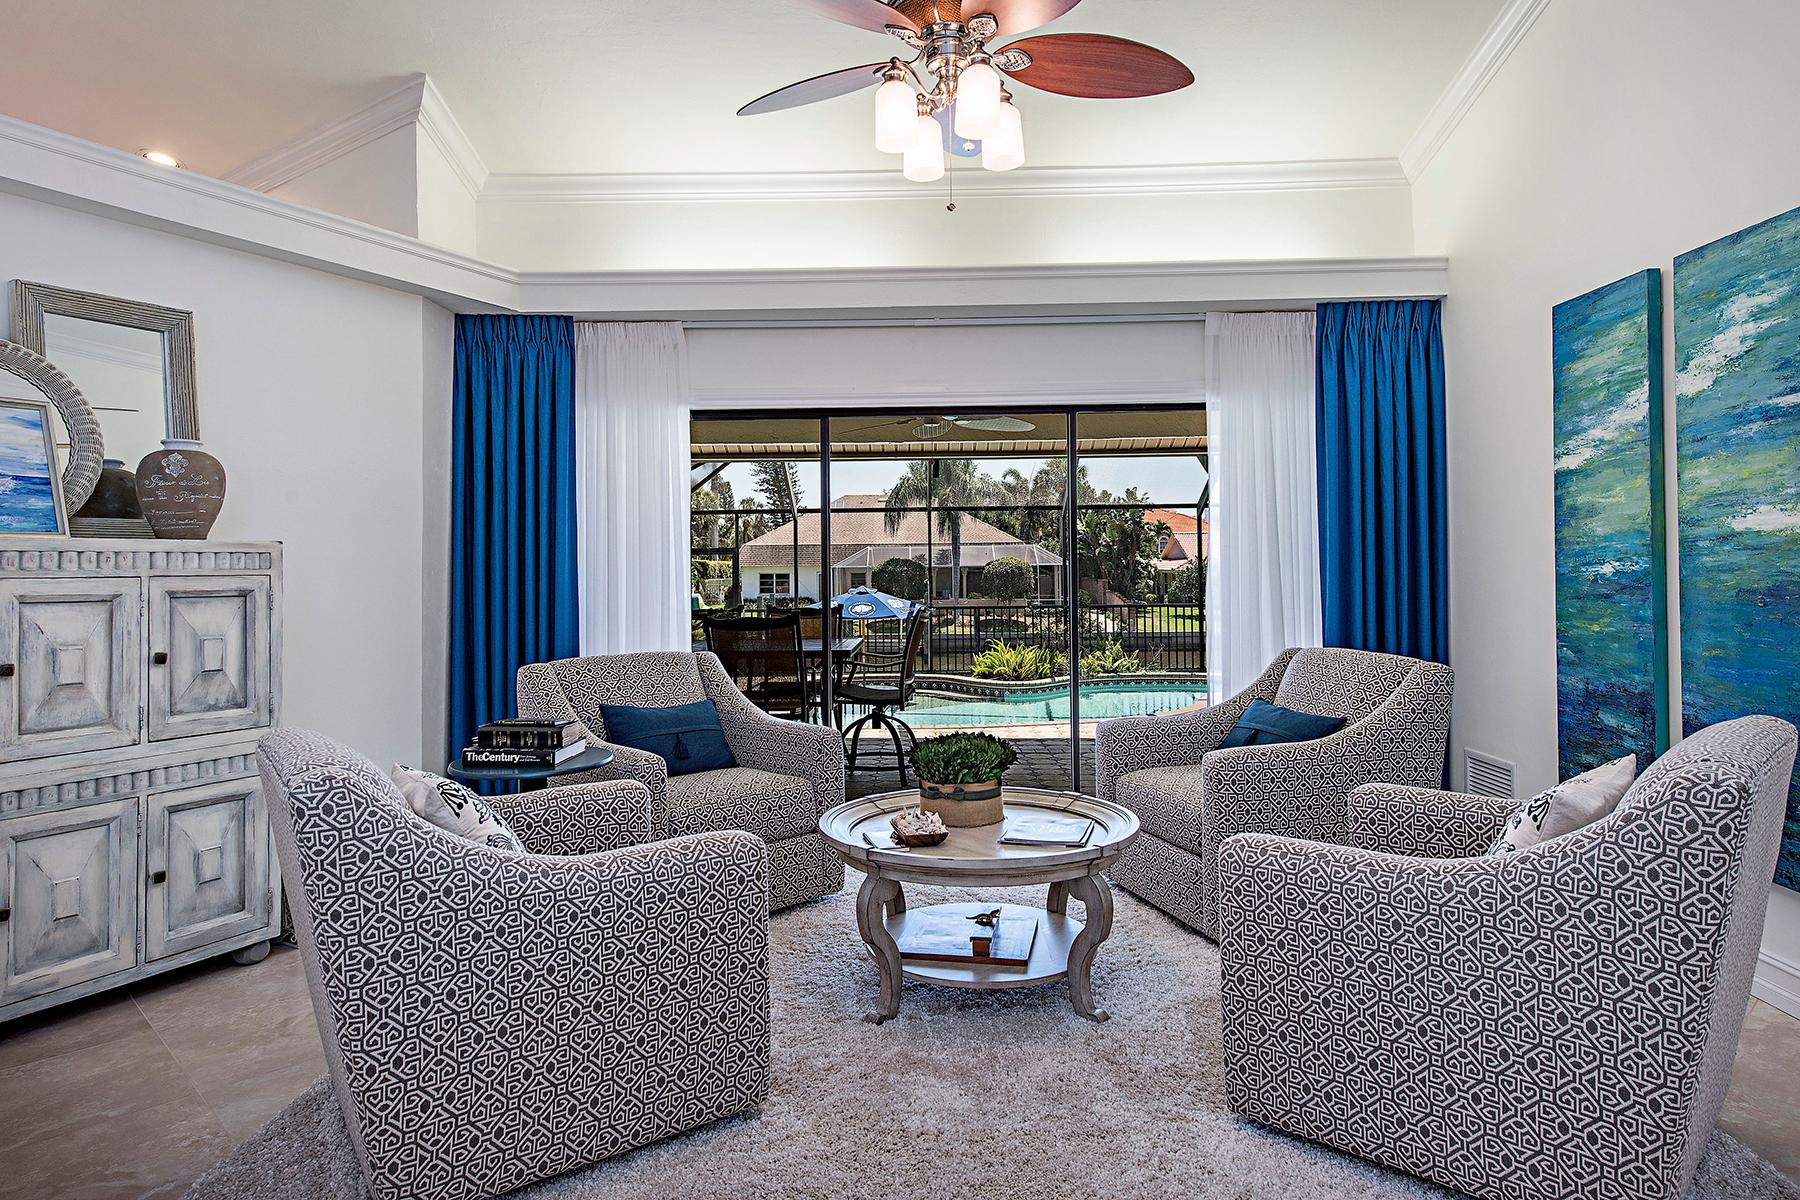 Частный односемейный дом для того Продажа на VANDERBILT BEACH - CONNERS 470 Lagoon Ave Naples, Флорида, 34108 Соединенные Штаты